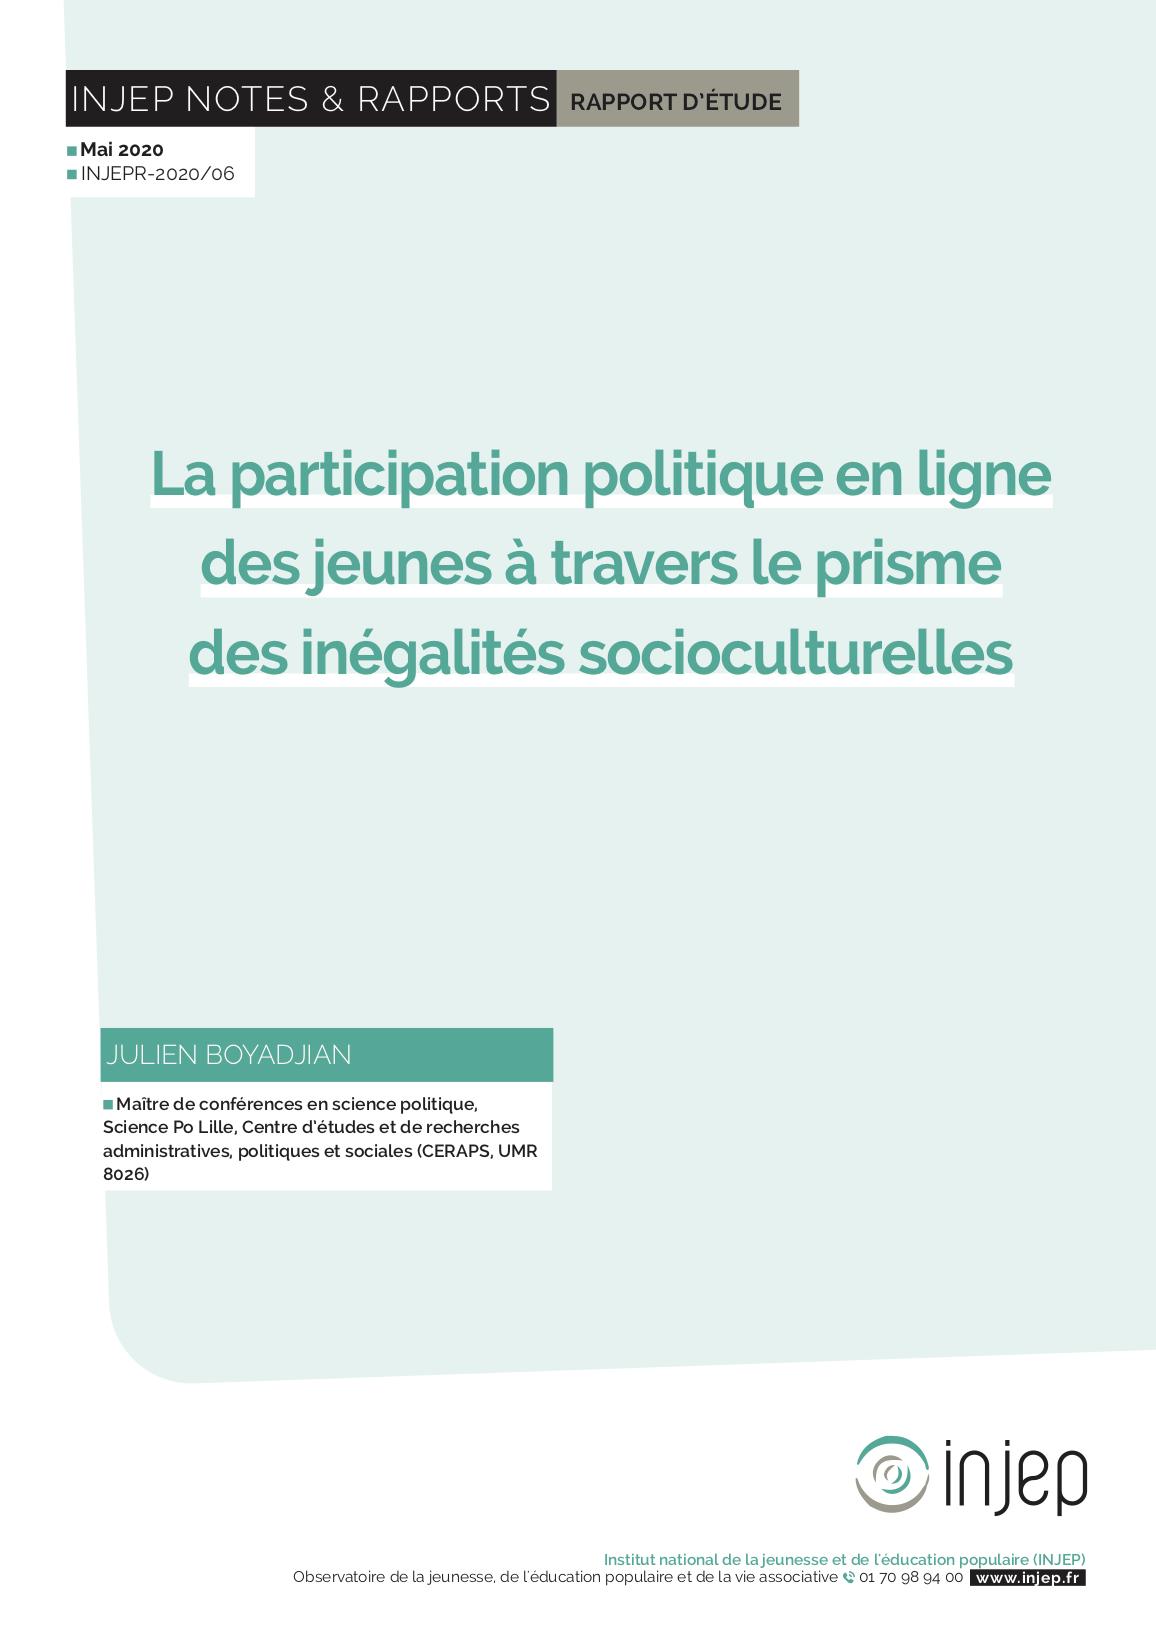 La participation politique en ligne des jeunes à travers le prisme des inégalités socioculturelles